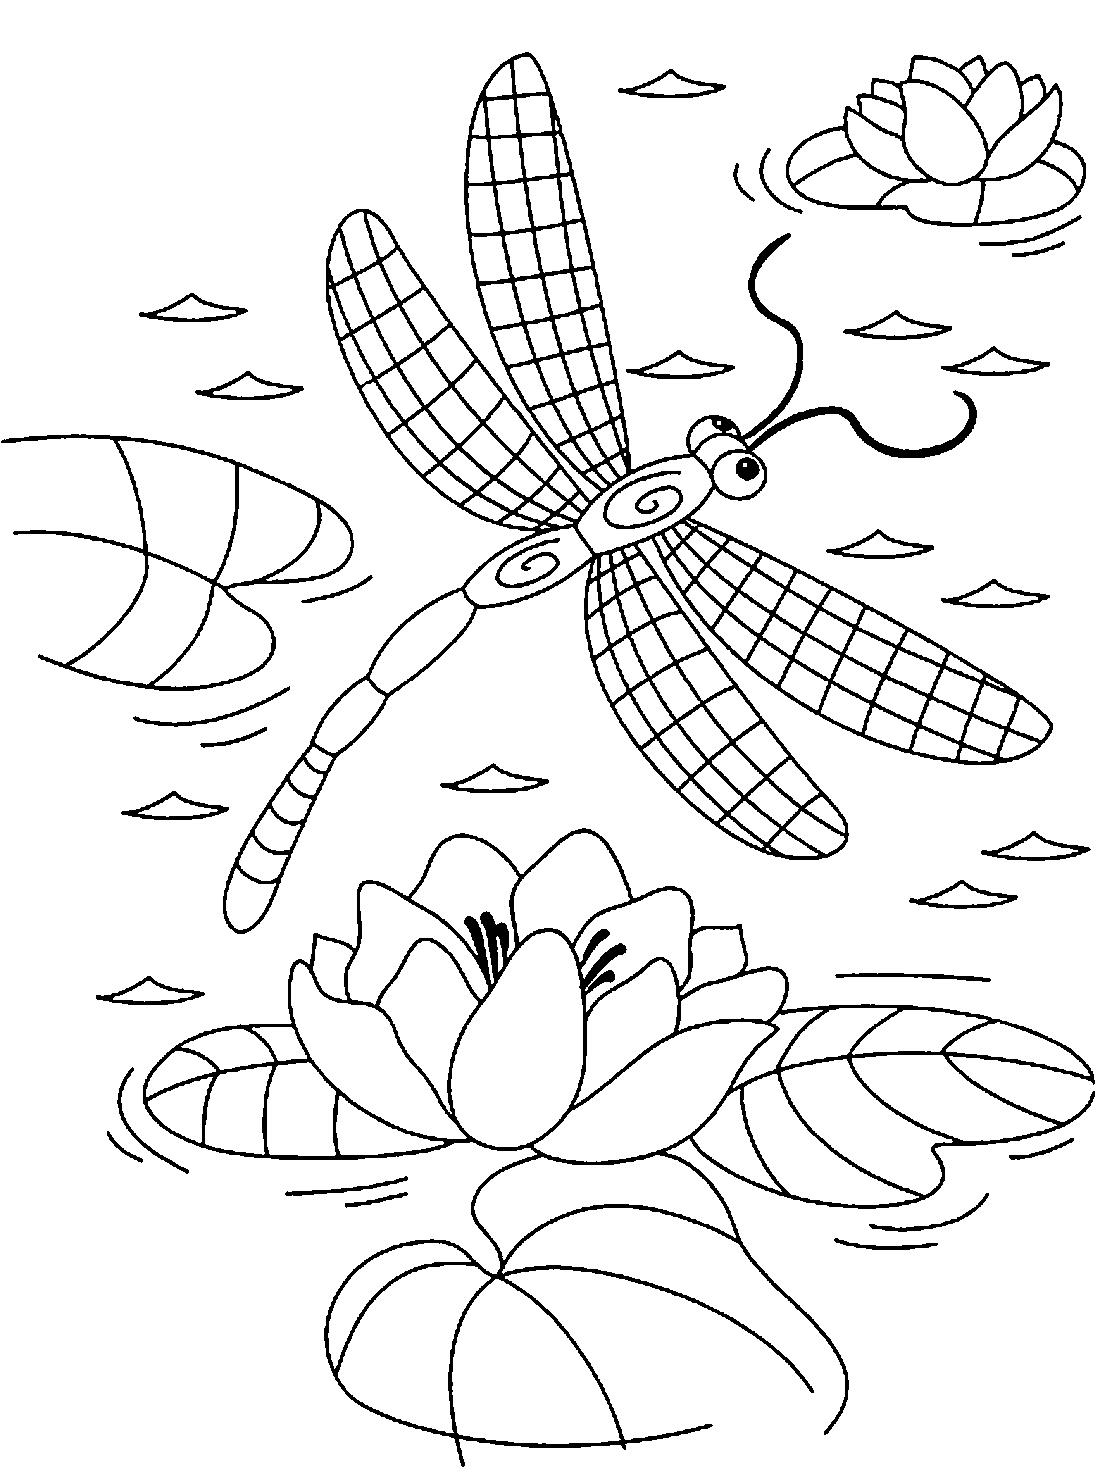 Стрекоза с крыльями в клеточку - раскраска №2125 ...